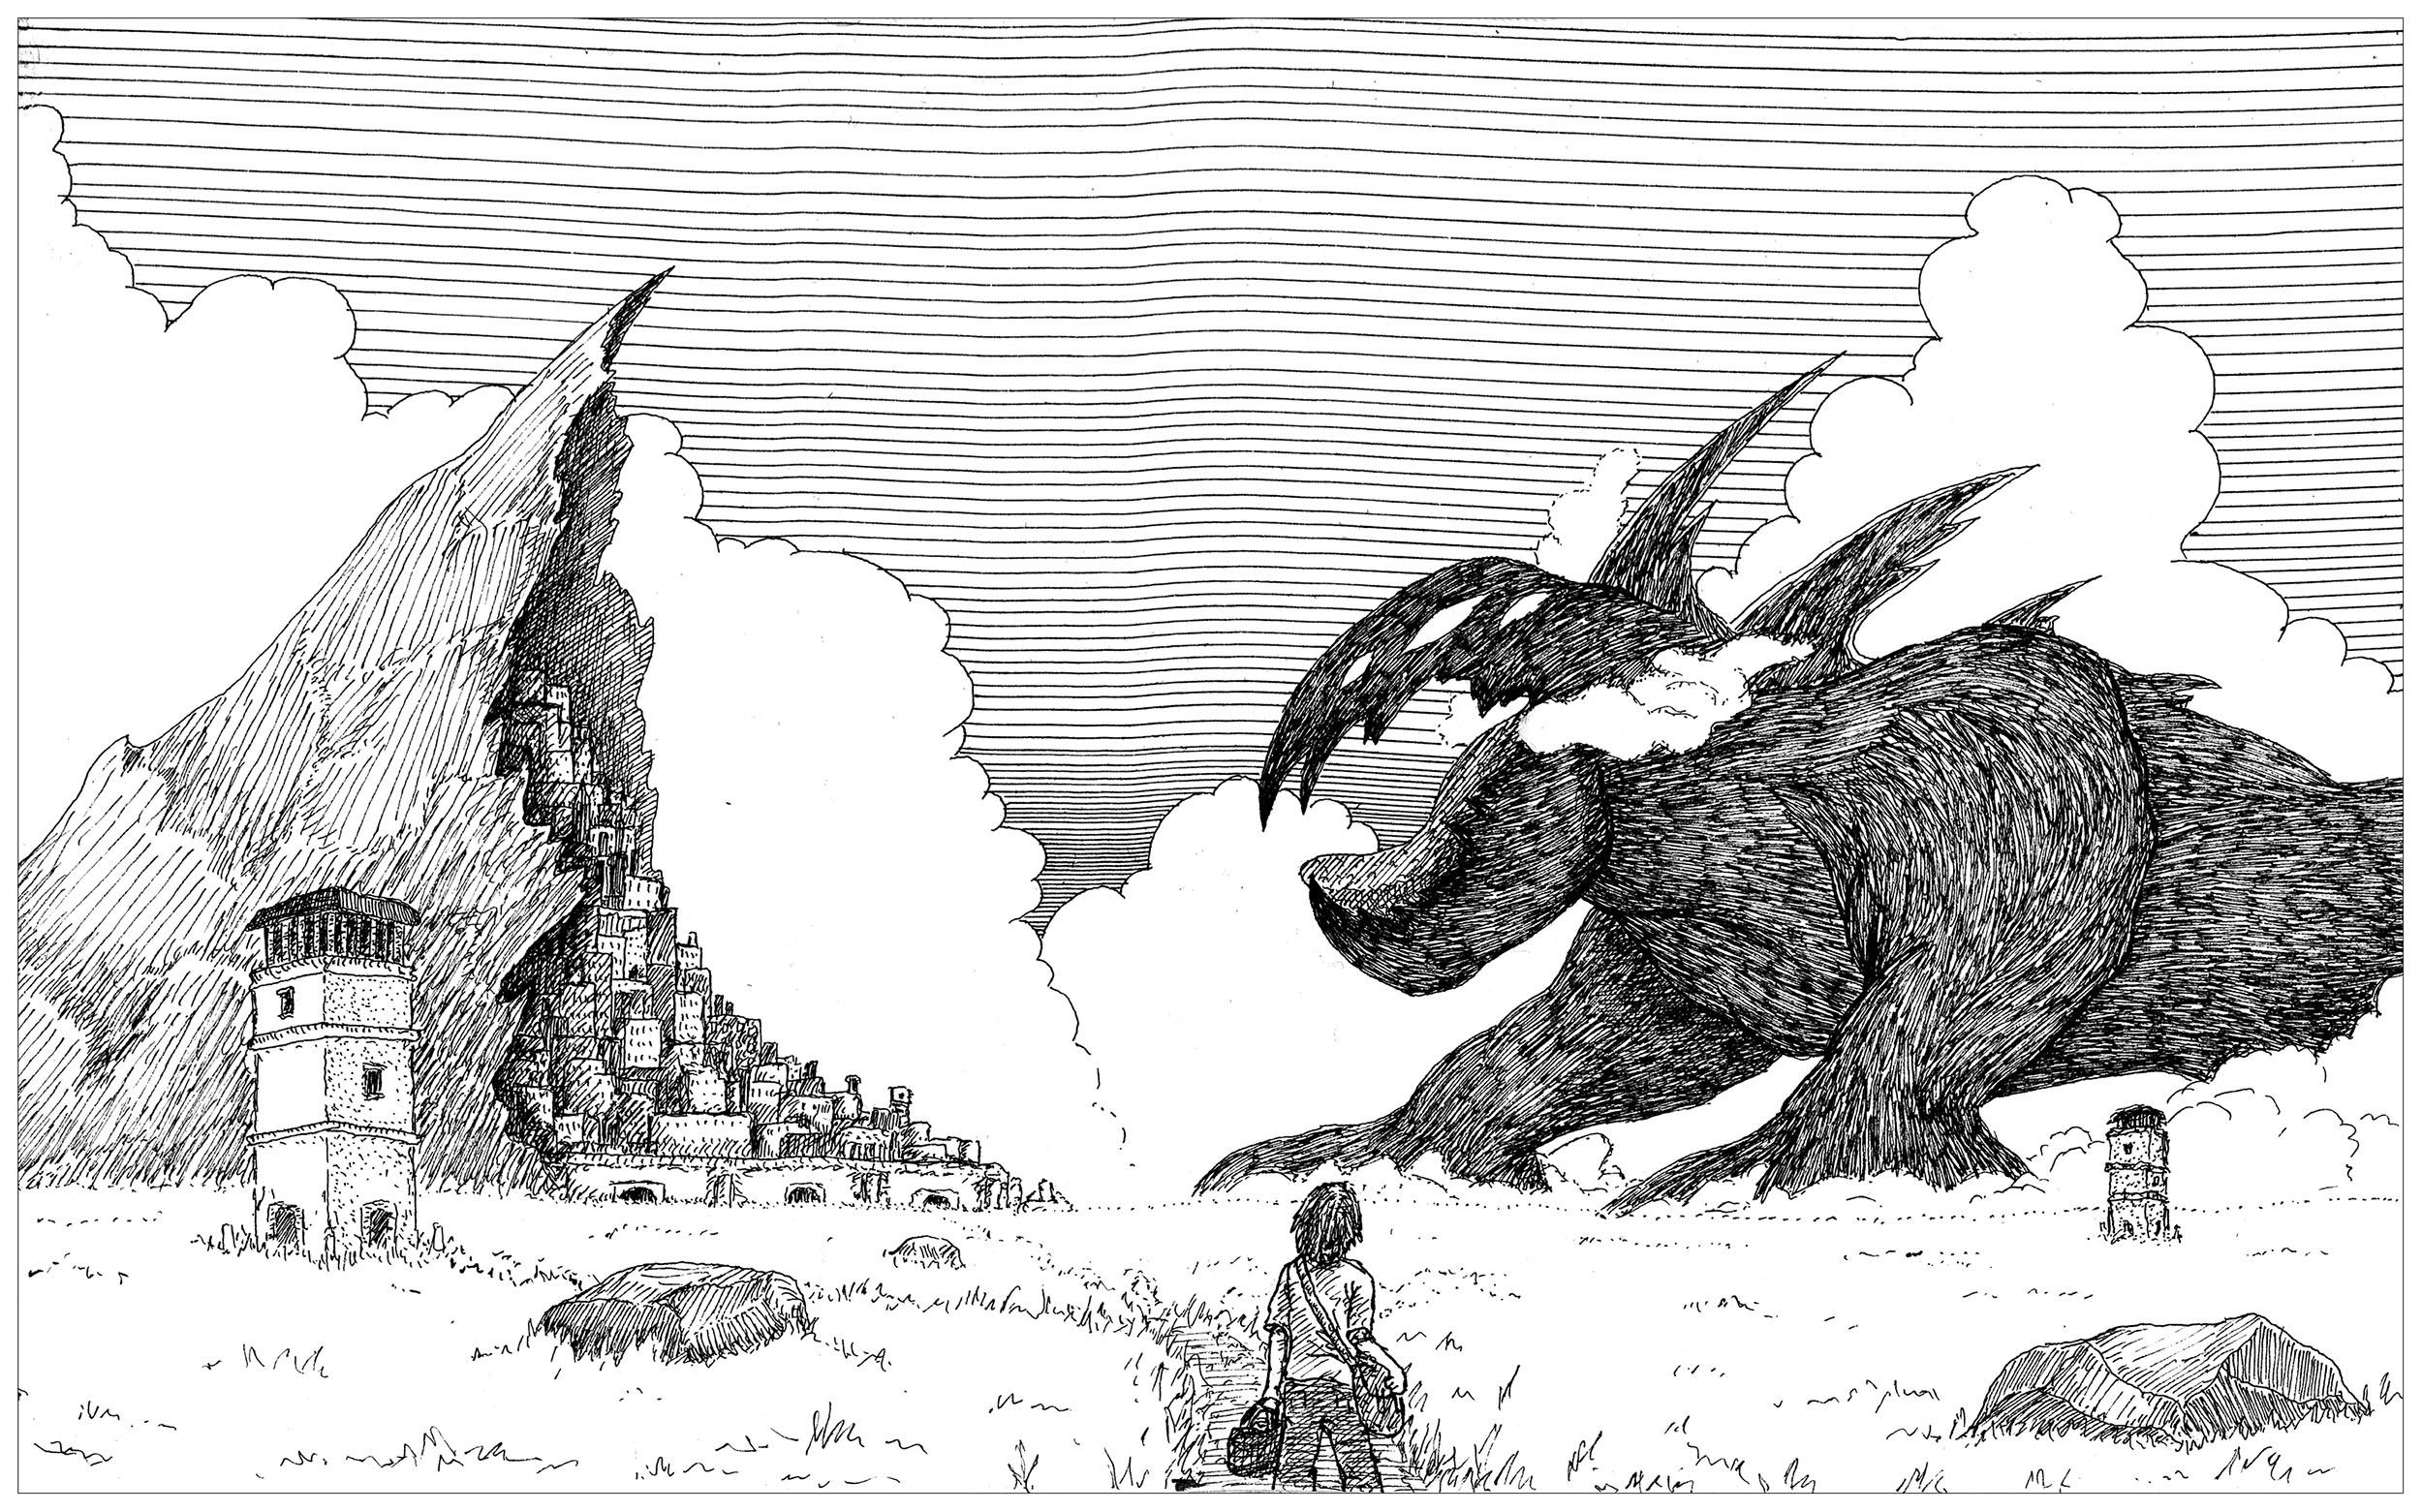 Monstre géant prêt à détruire une ville bâtie dans un rocher sur Instagram